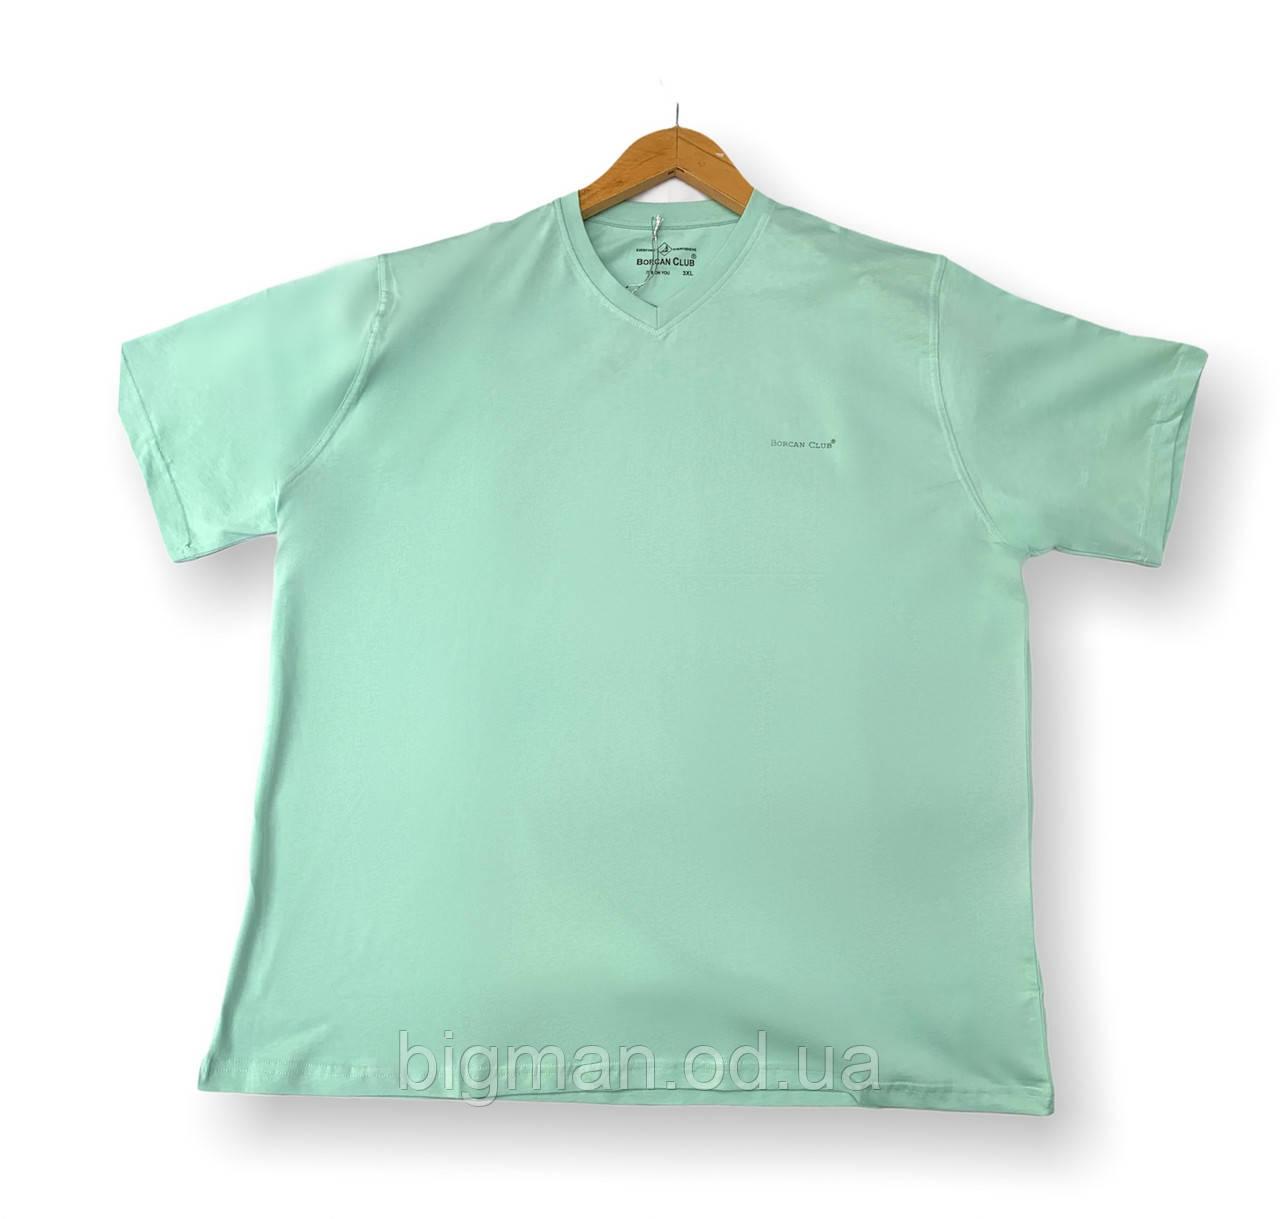 Мужская однотонная футболка бирюзовая батал (большие размеры 3XL 4XL 5XL 6XL) Borcan Club производство: Турция